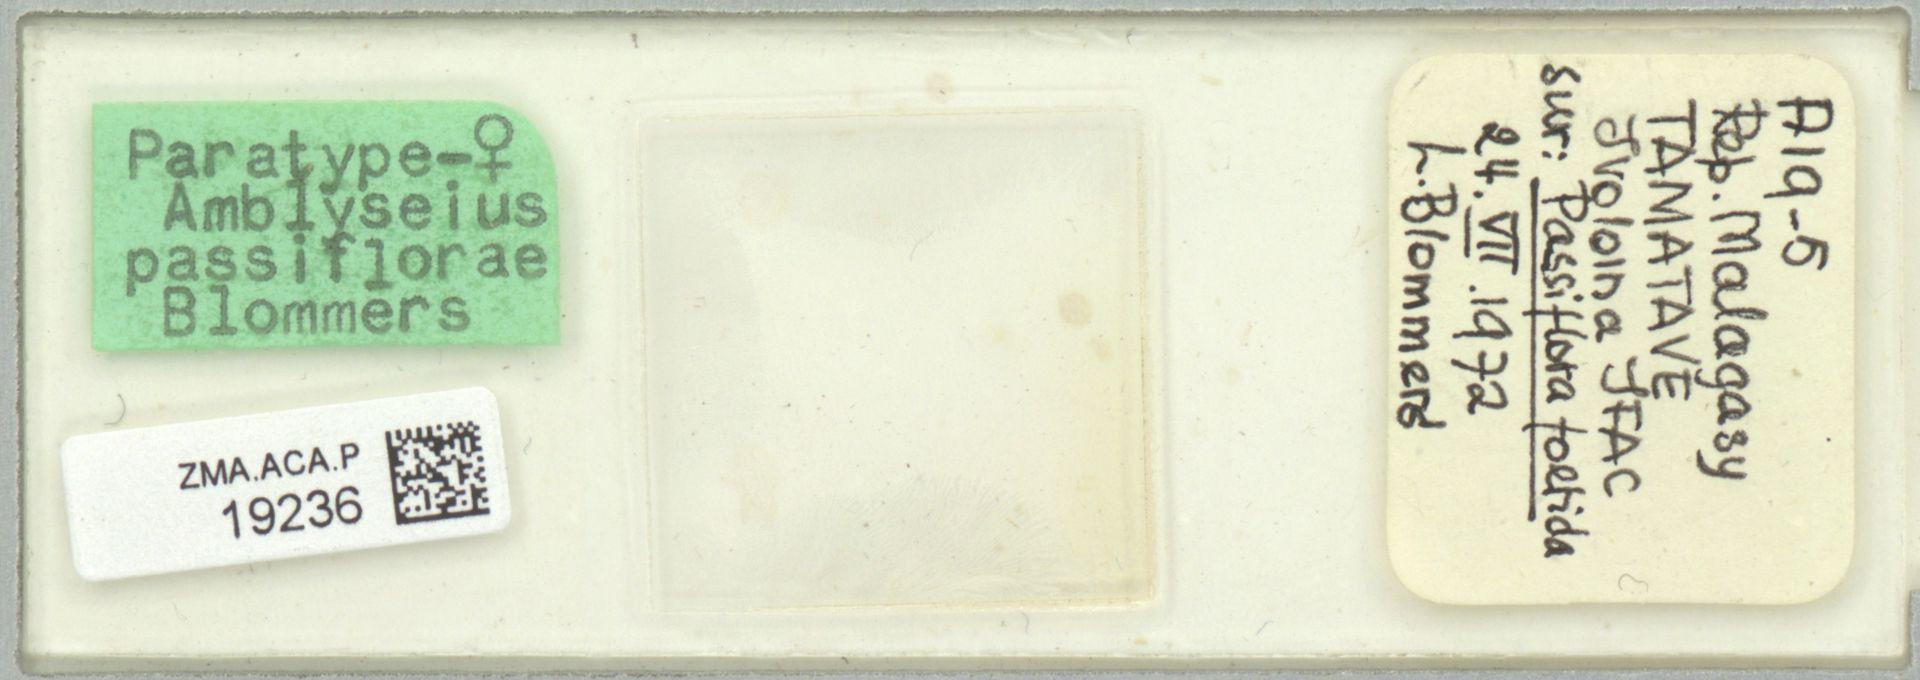 ZMA.ACA.P.19236   Amblyseius passiflorae Blommers